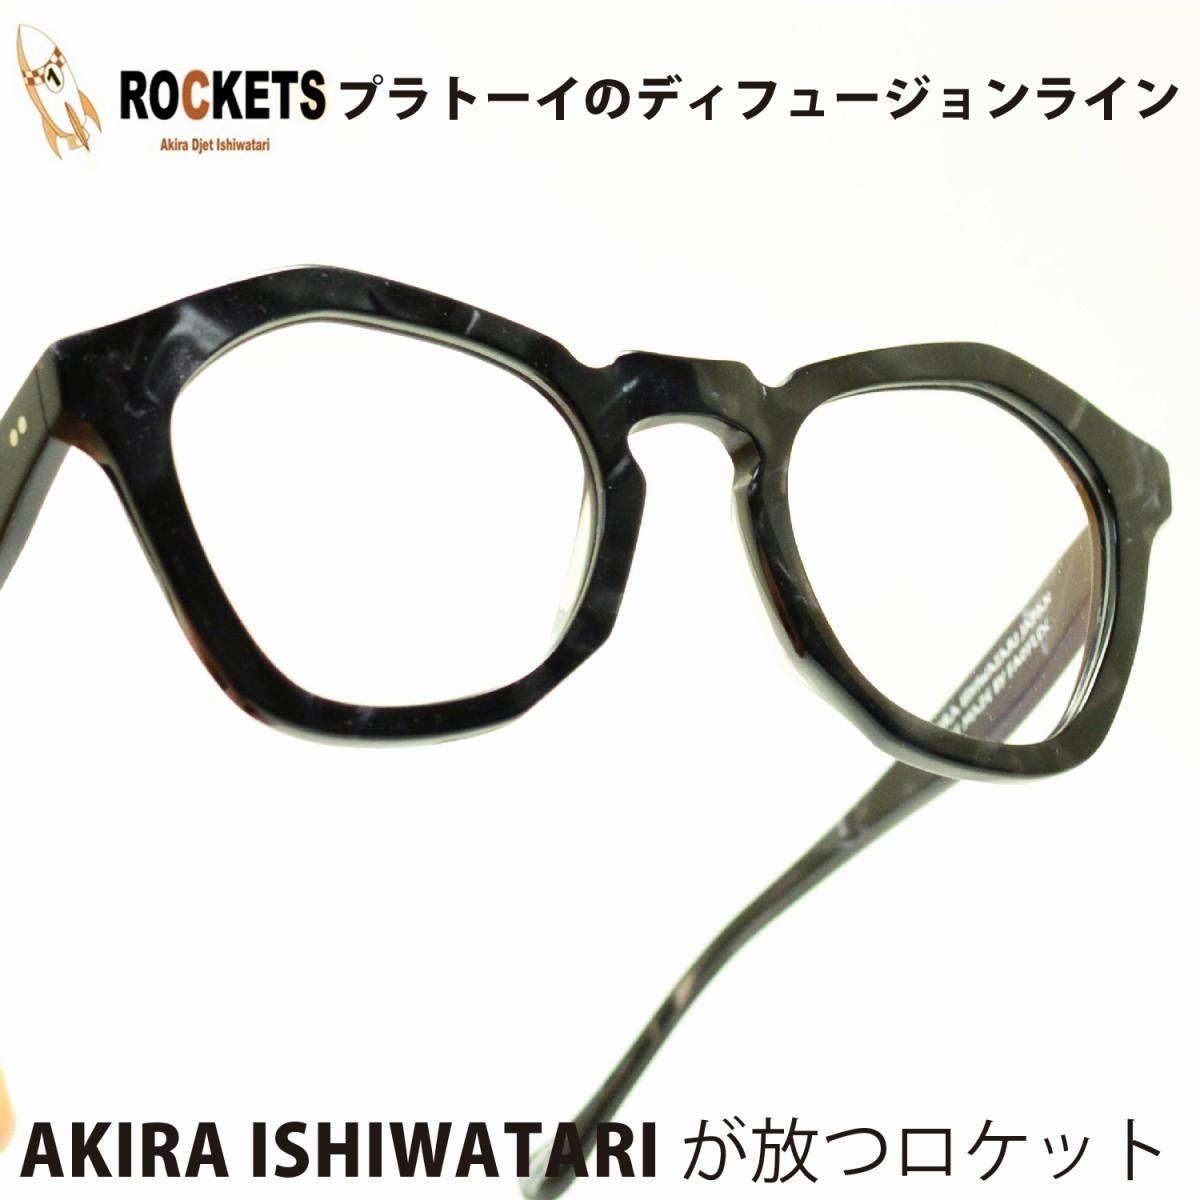 ROCKETS ABBY COL-GRANITEメガネ 眼鏡 めがね メンズ レディース おしゃれ ブランド 人気 おすすめ フレーム 流行り 度付き レンズ